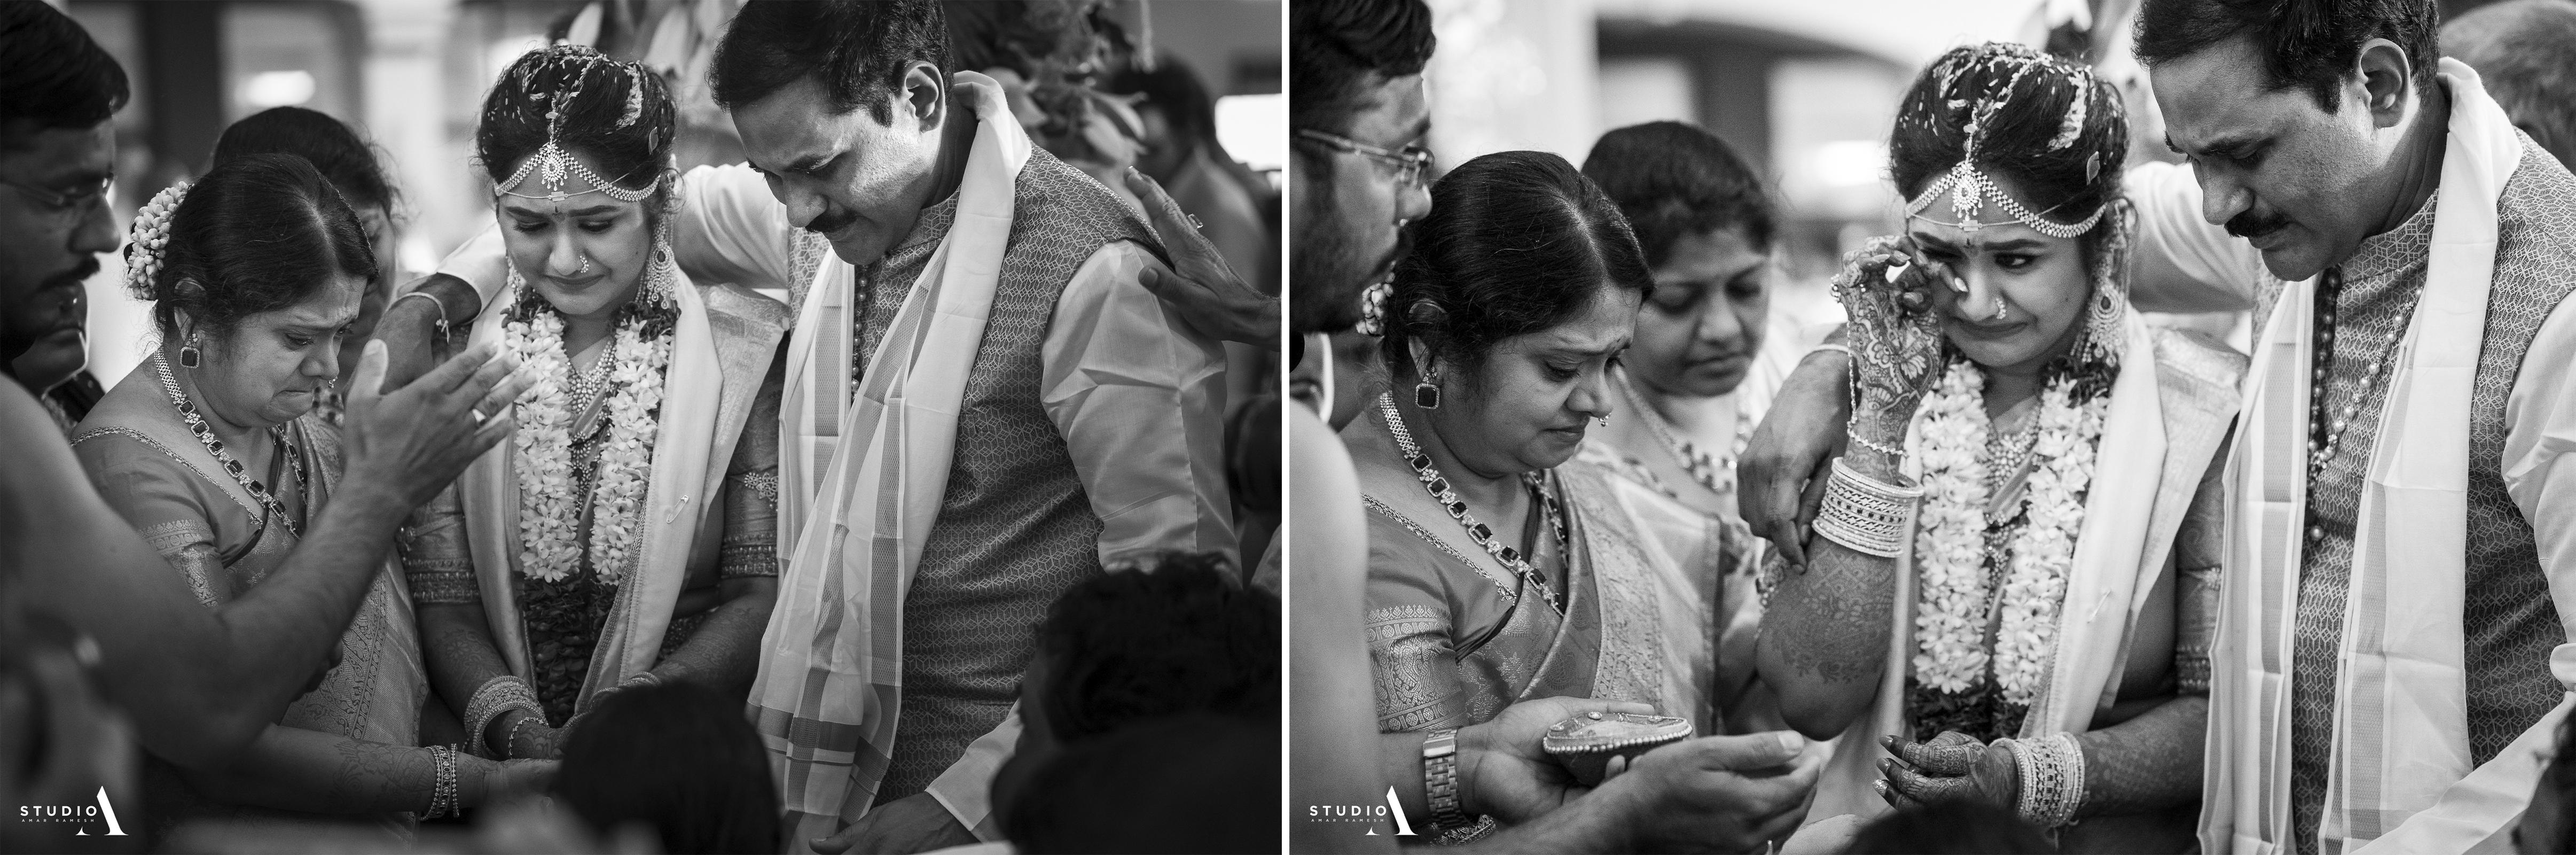 grand-telugu-wedding-studioa-amarramesh-68